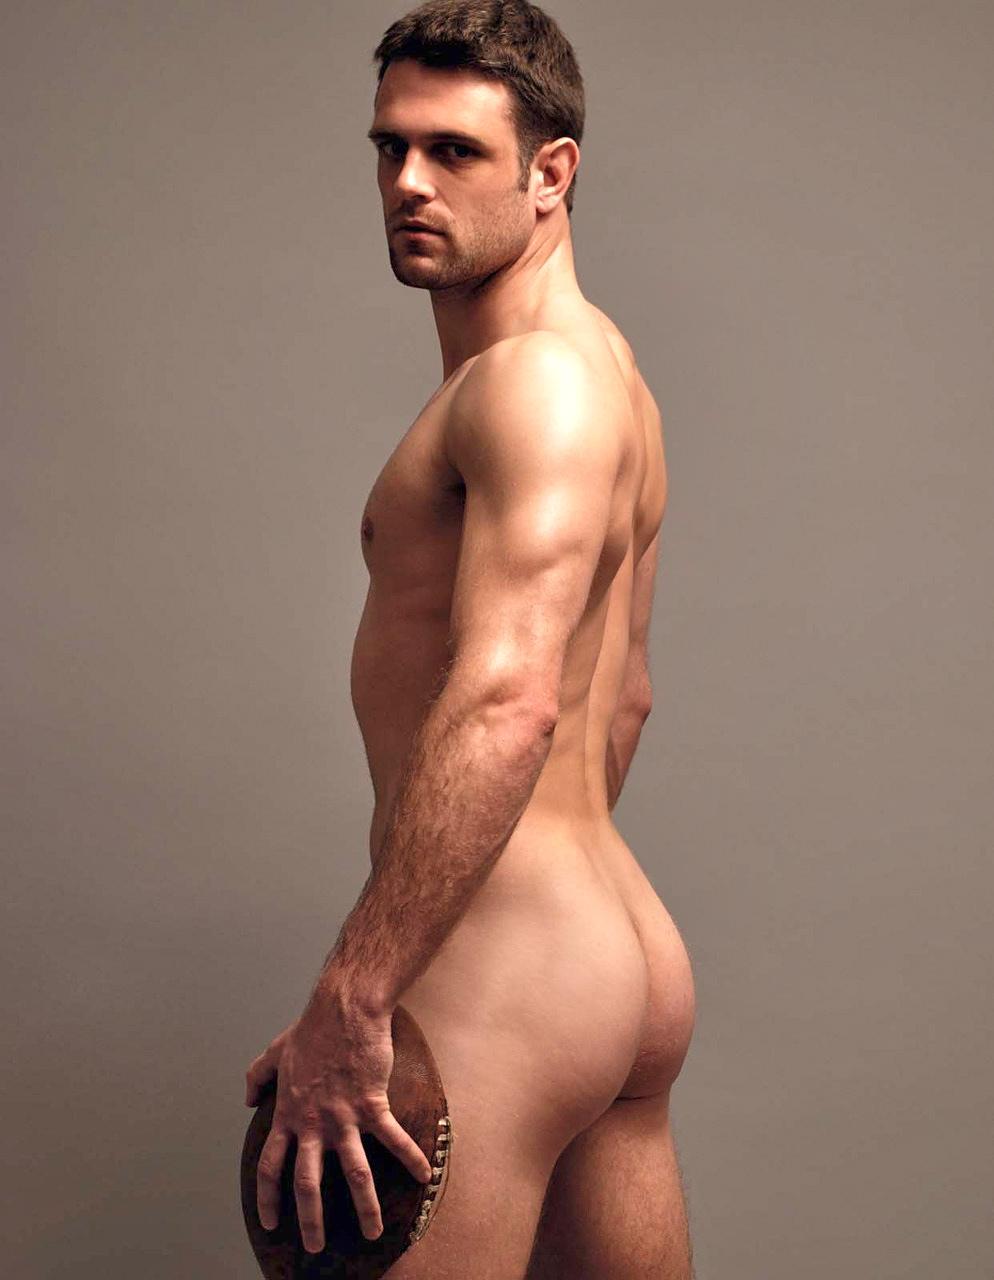 Photo des fesses musclées d'un rugbyman nu et très sexy